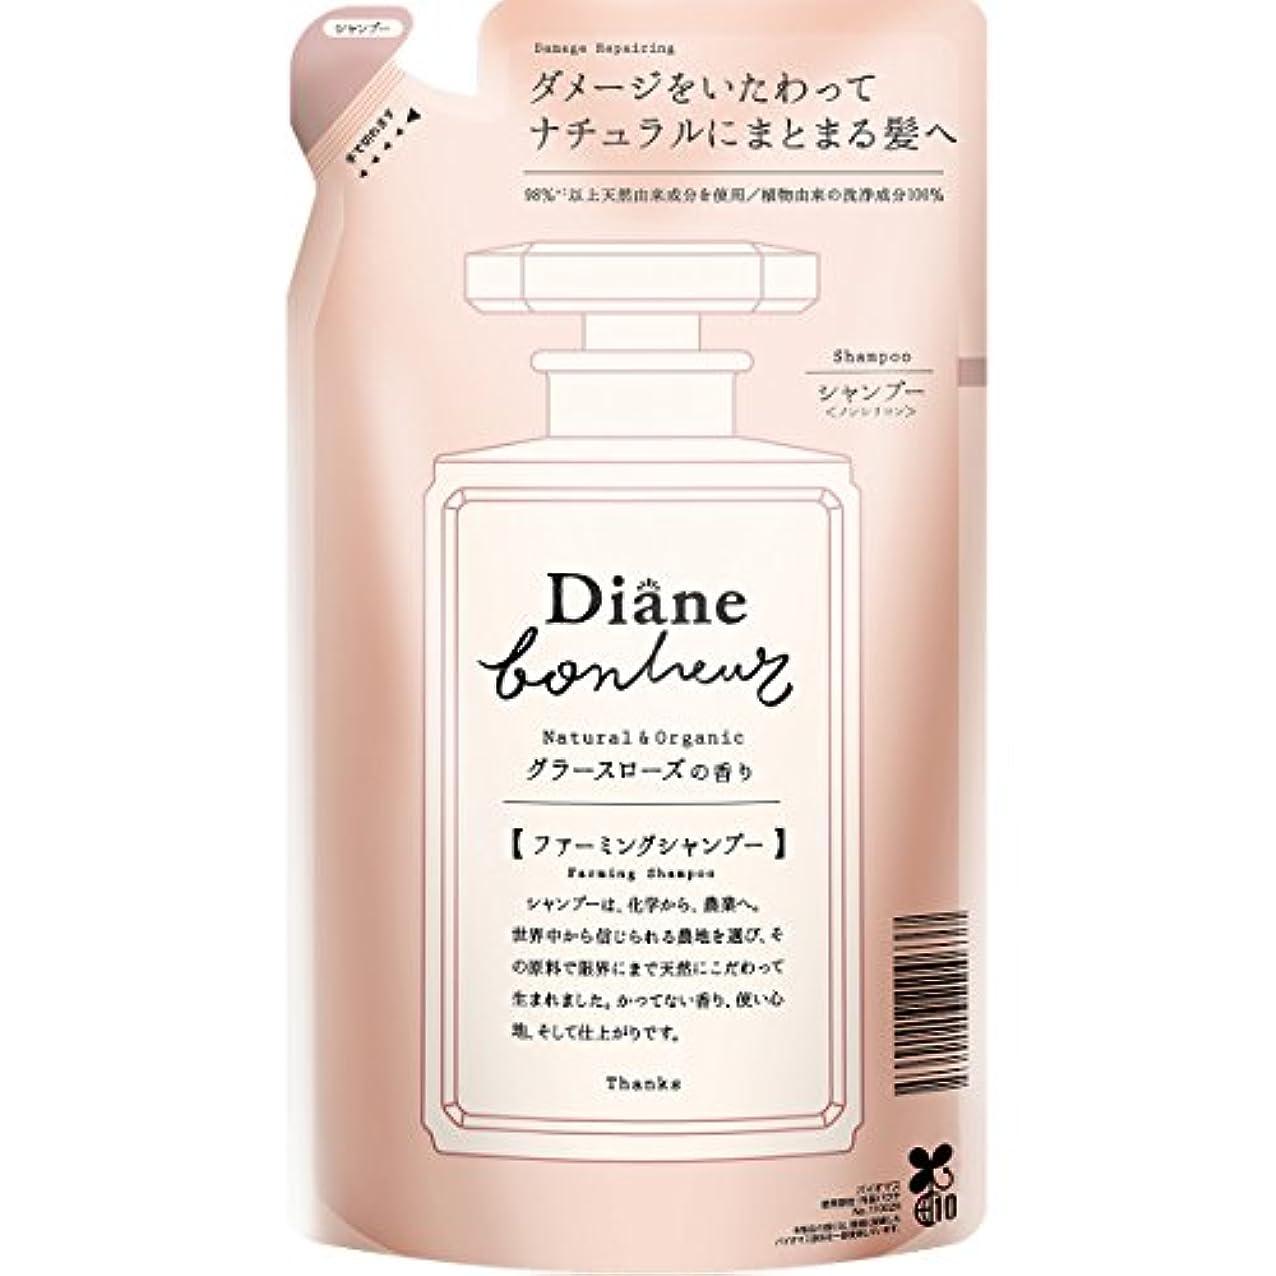 リーアイロニー目指すダイアン ボヌール グラースローズの香り ダメージリペア シャンプー 詰め替え 400ml